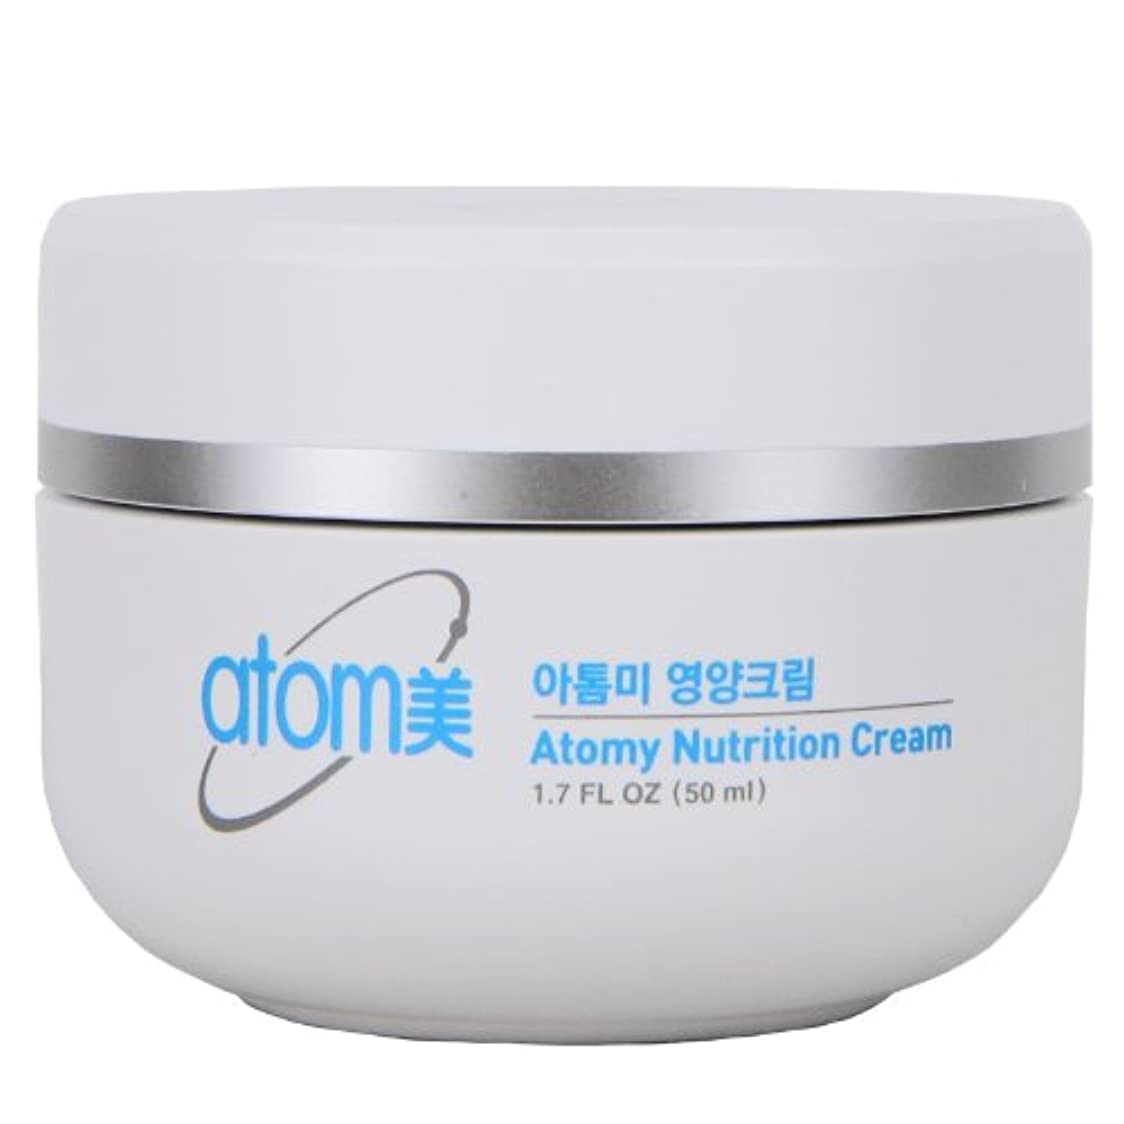 遺棄されたキリスト化学薬品韓国コスメ Atom美 アトミ クリーム ■ナチュラルコスメ